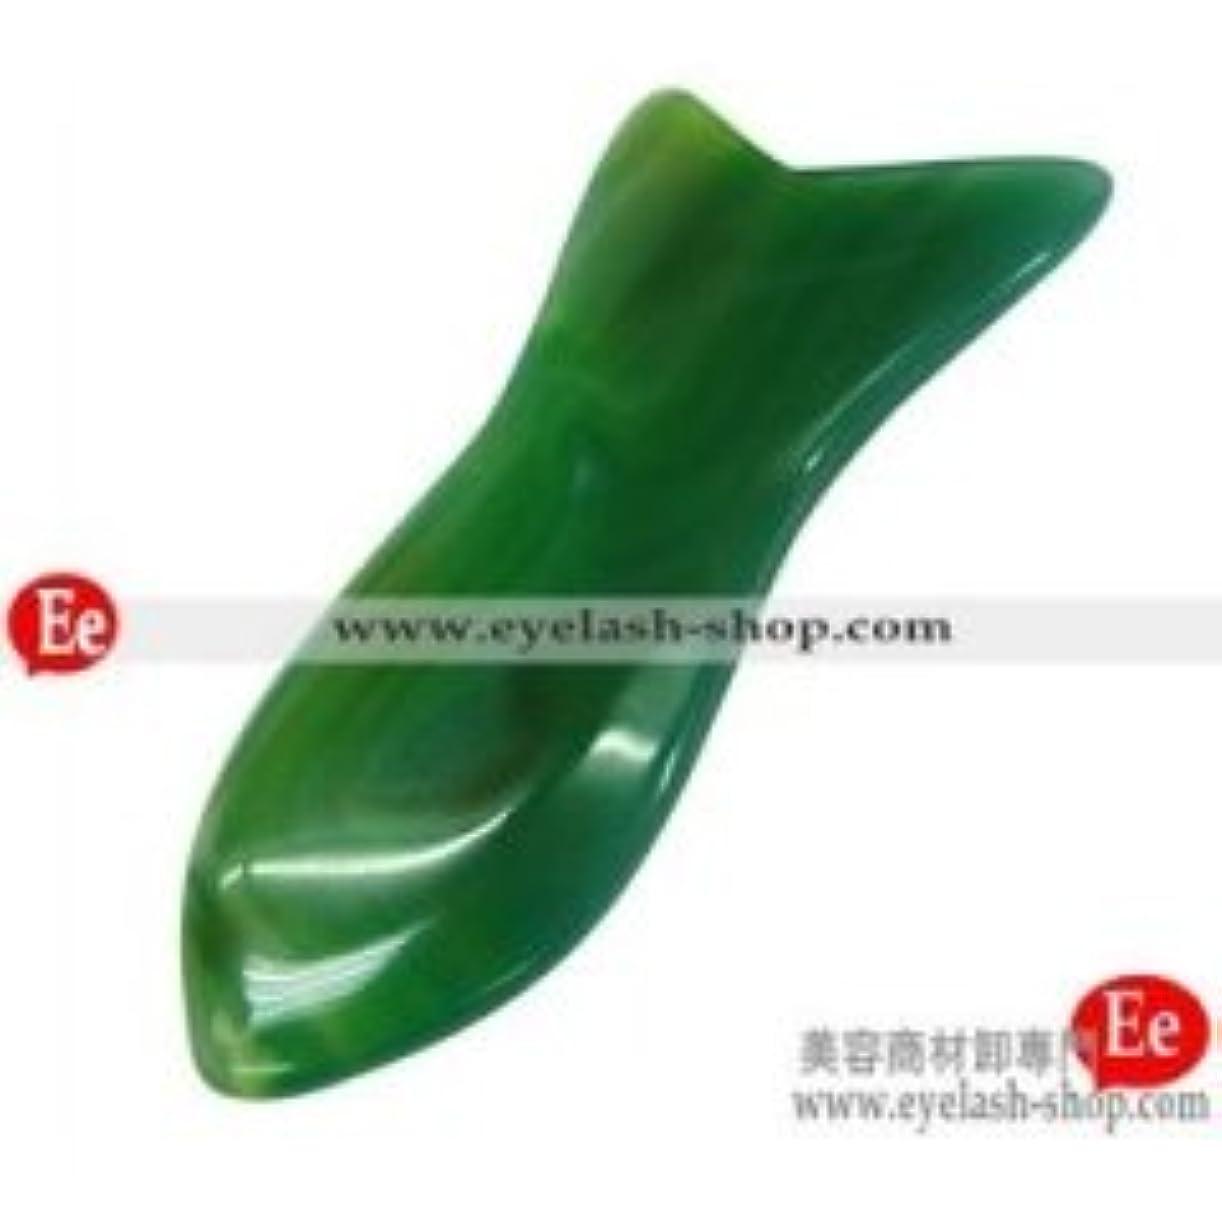 花瓶硬さ意味かっさ板、瑪瑙かっさプレート、マッサージプレート M-16